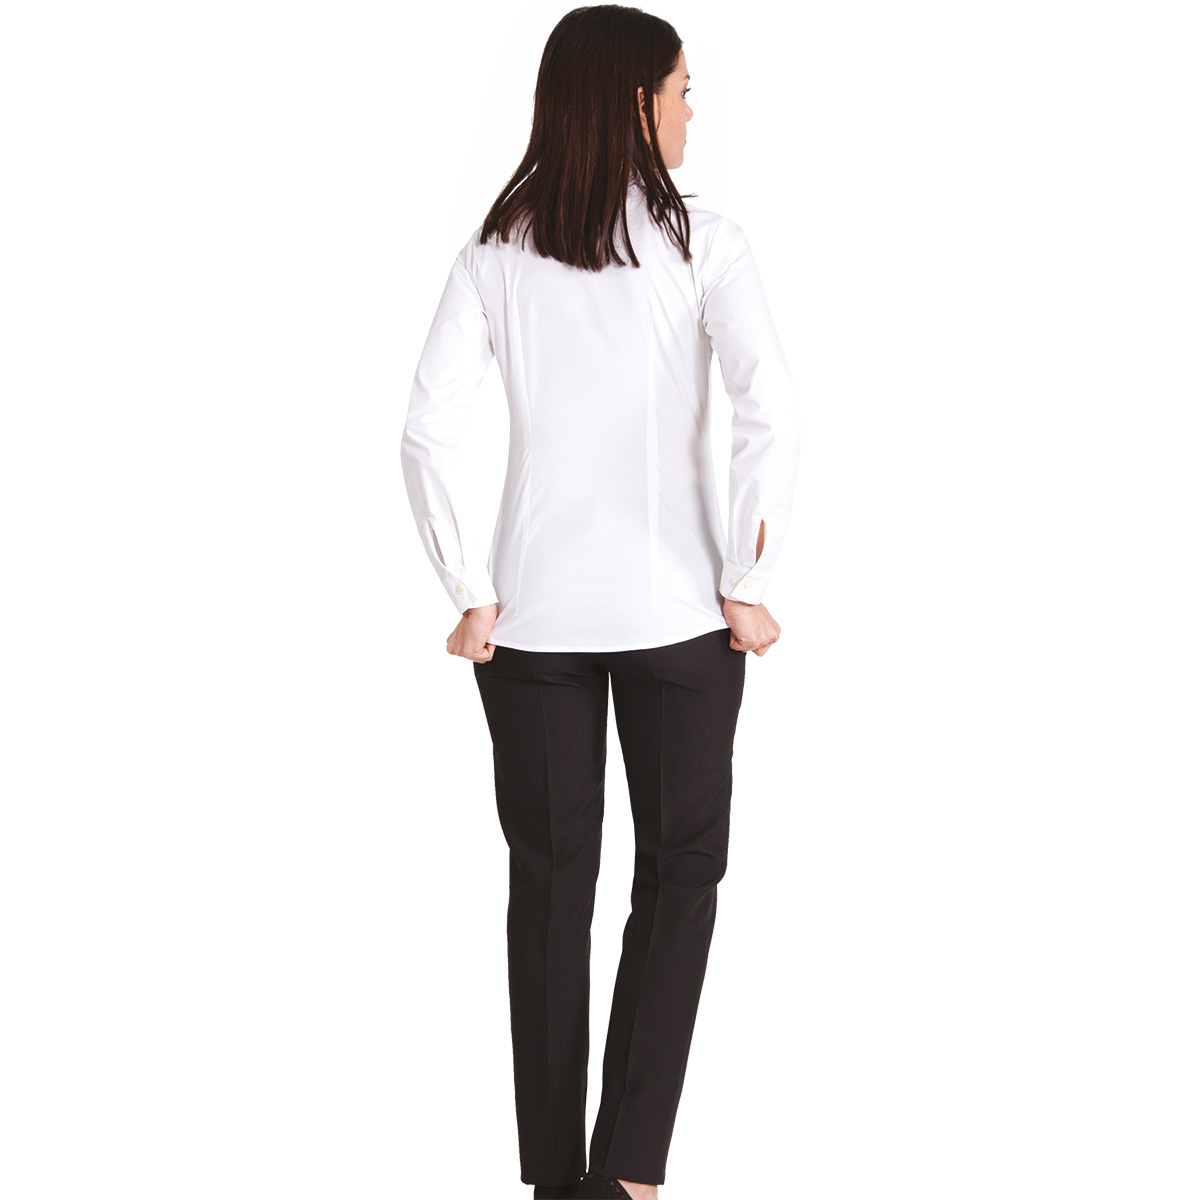 clelia-camicia-donna-elasticizzata